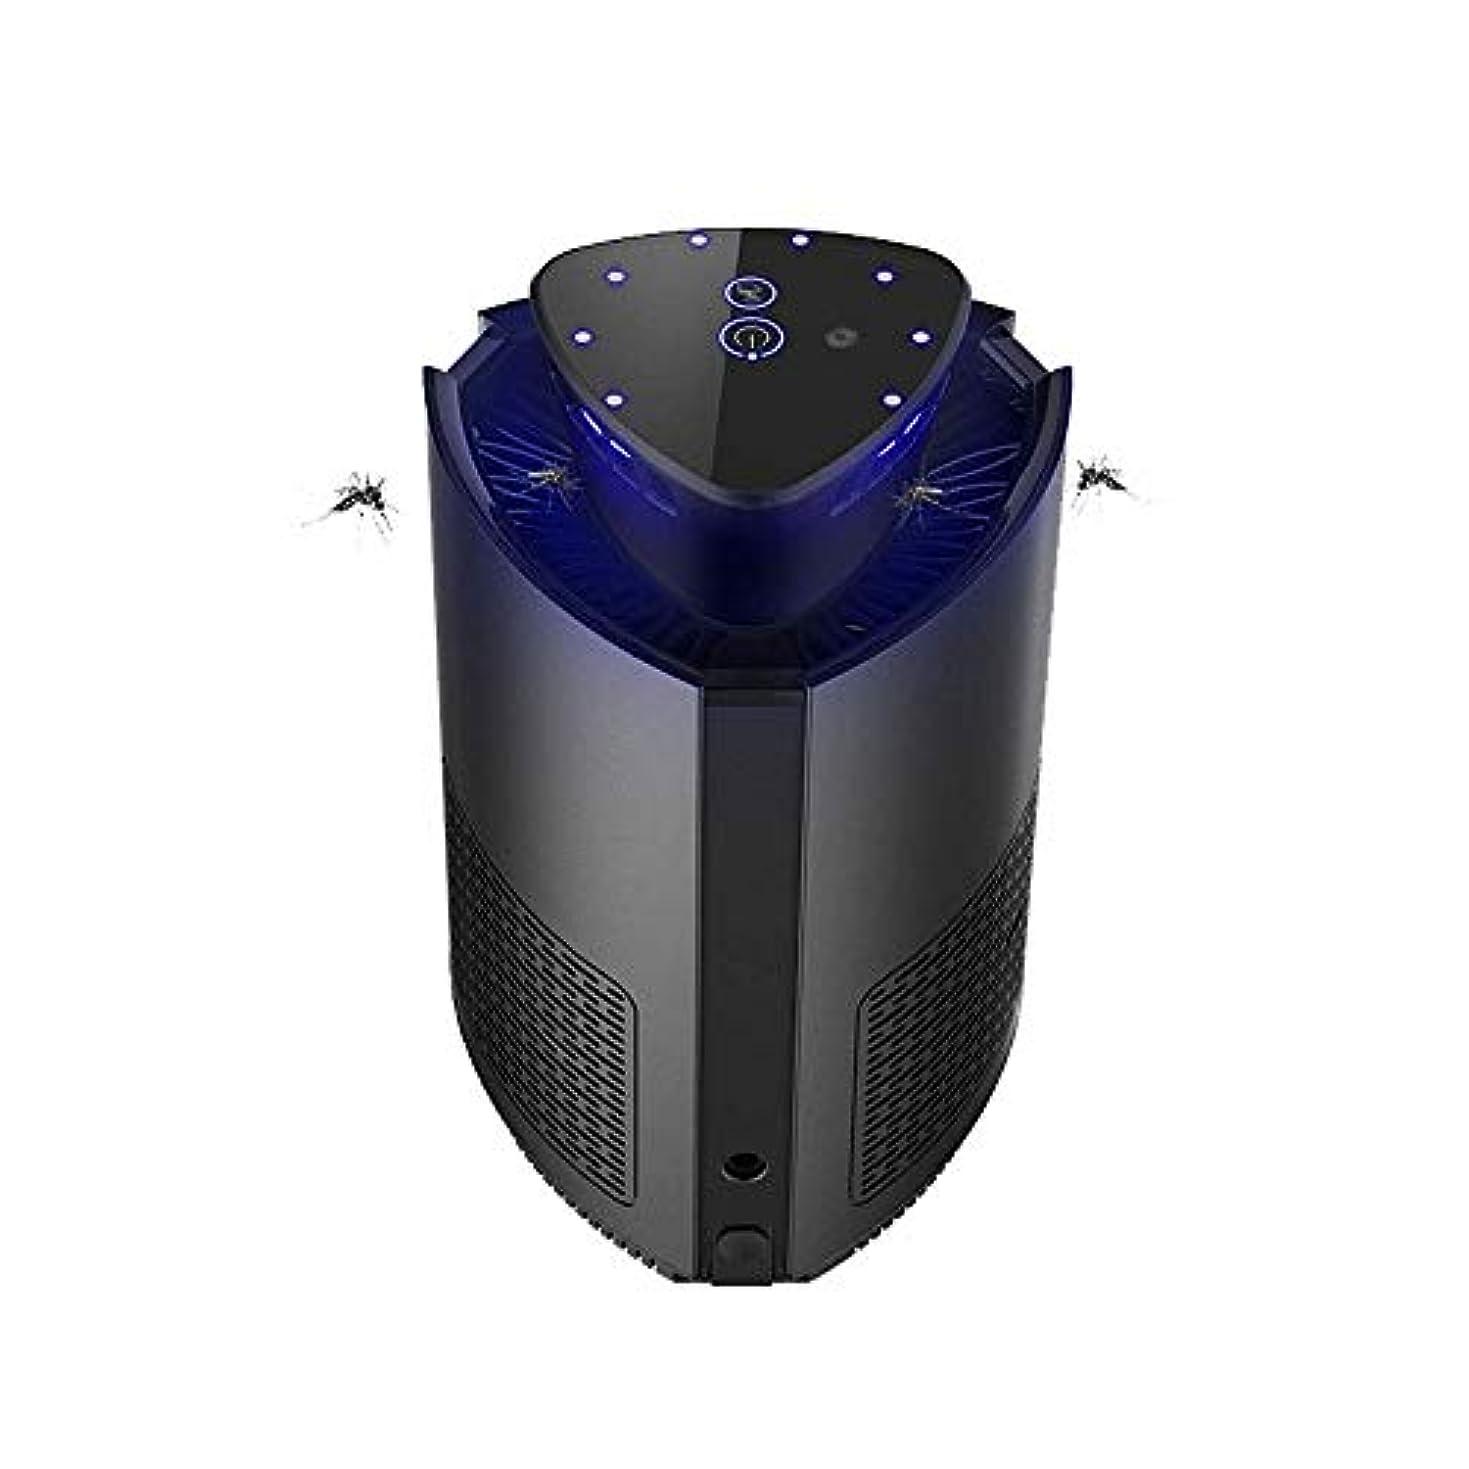 できる補体マンモスLC_Kwn 理性的な蚊のキラー、導かれた光触媒の蚊のキラーの蚊の反発ランプの反蚊の人工物